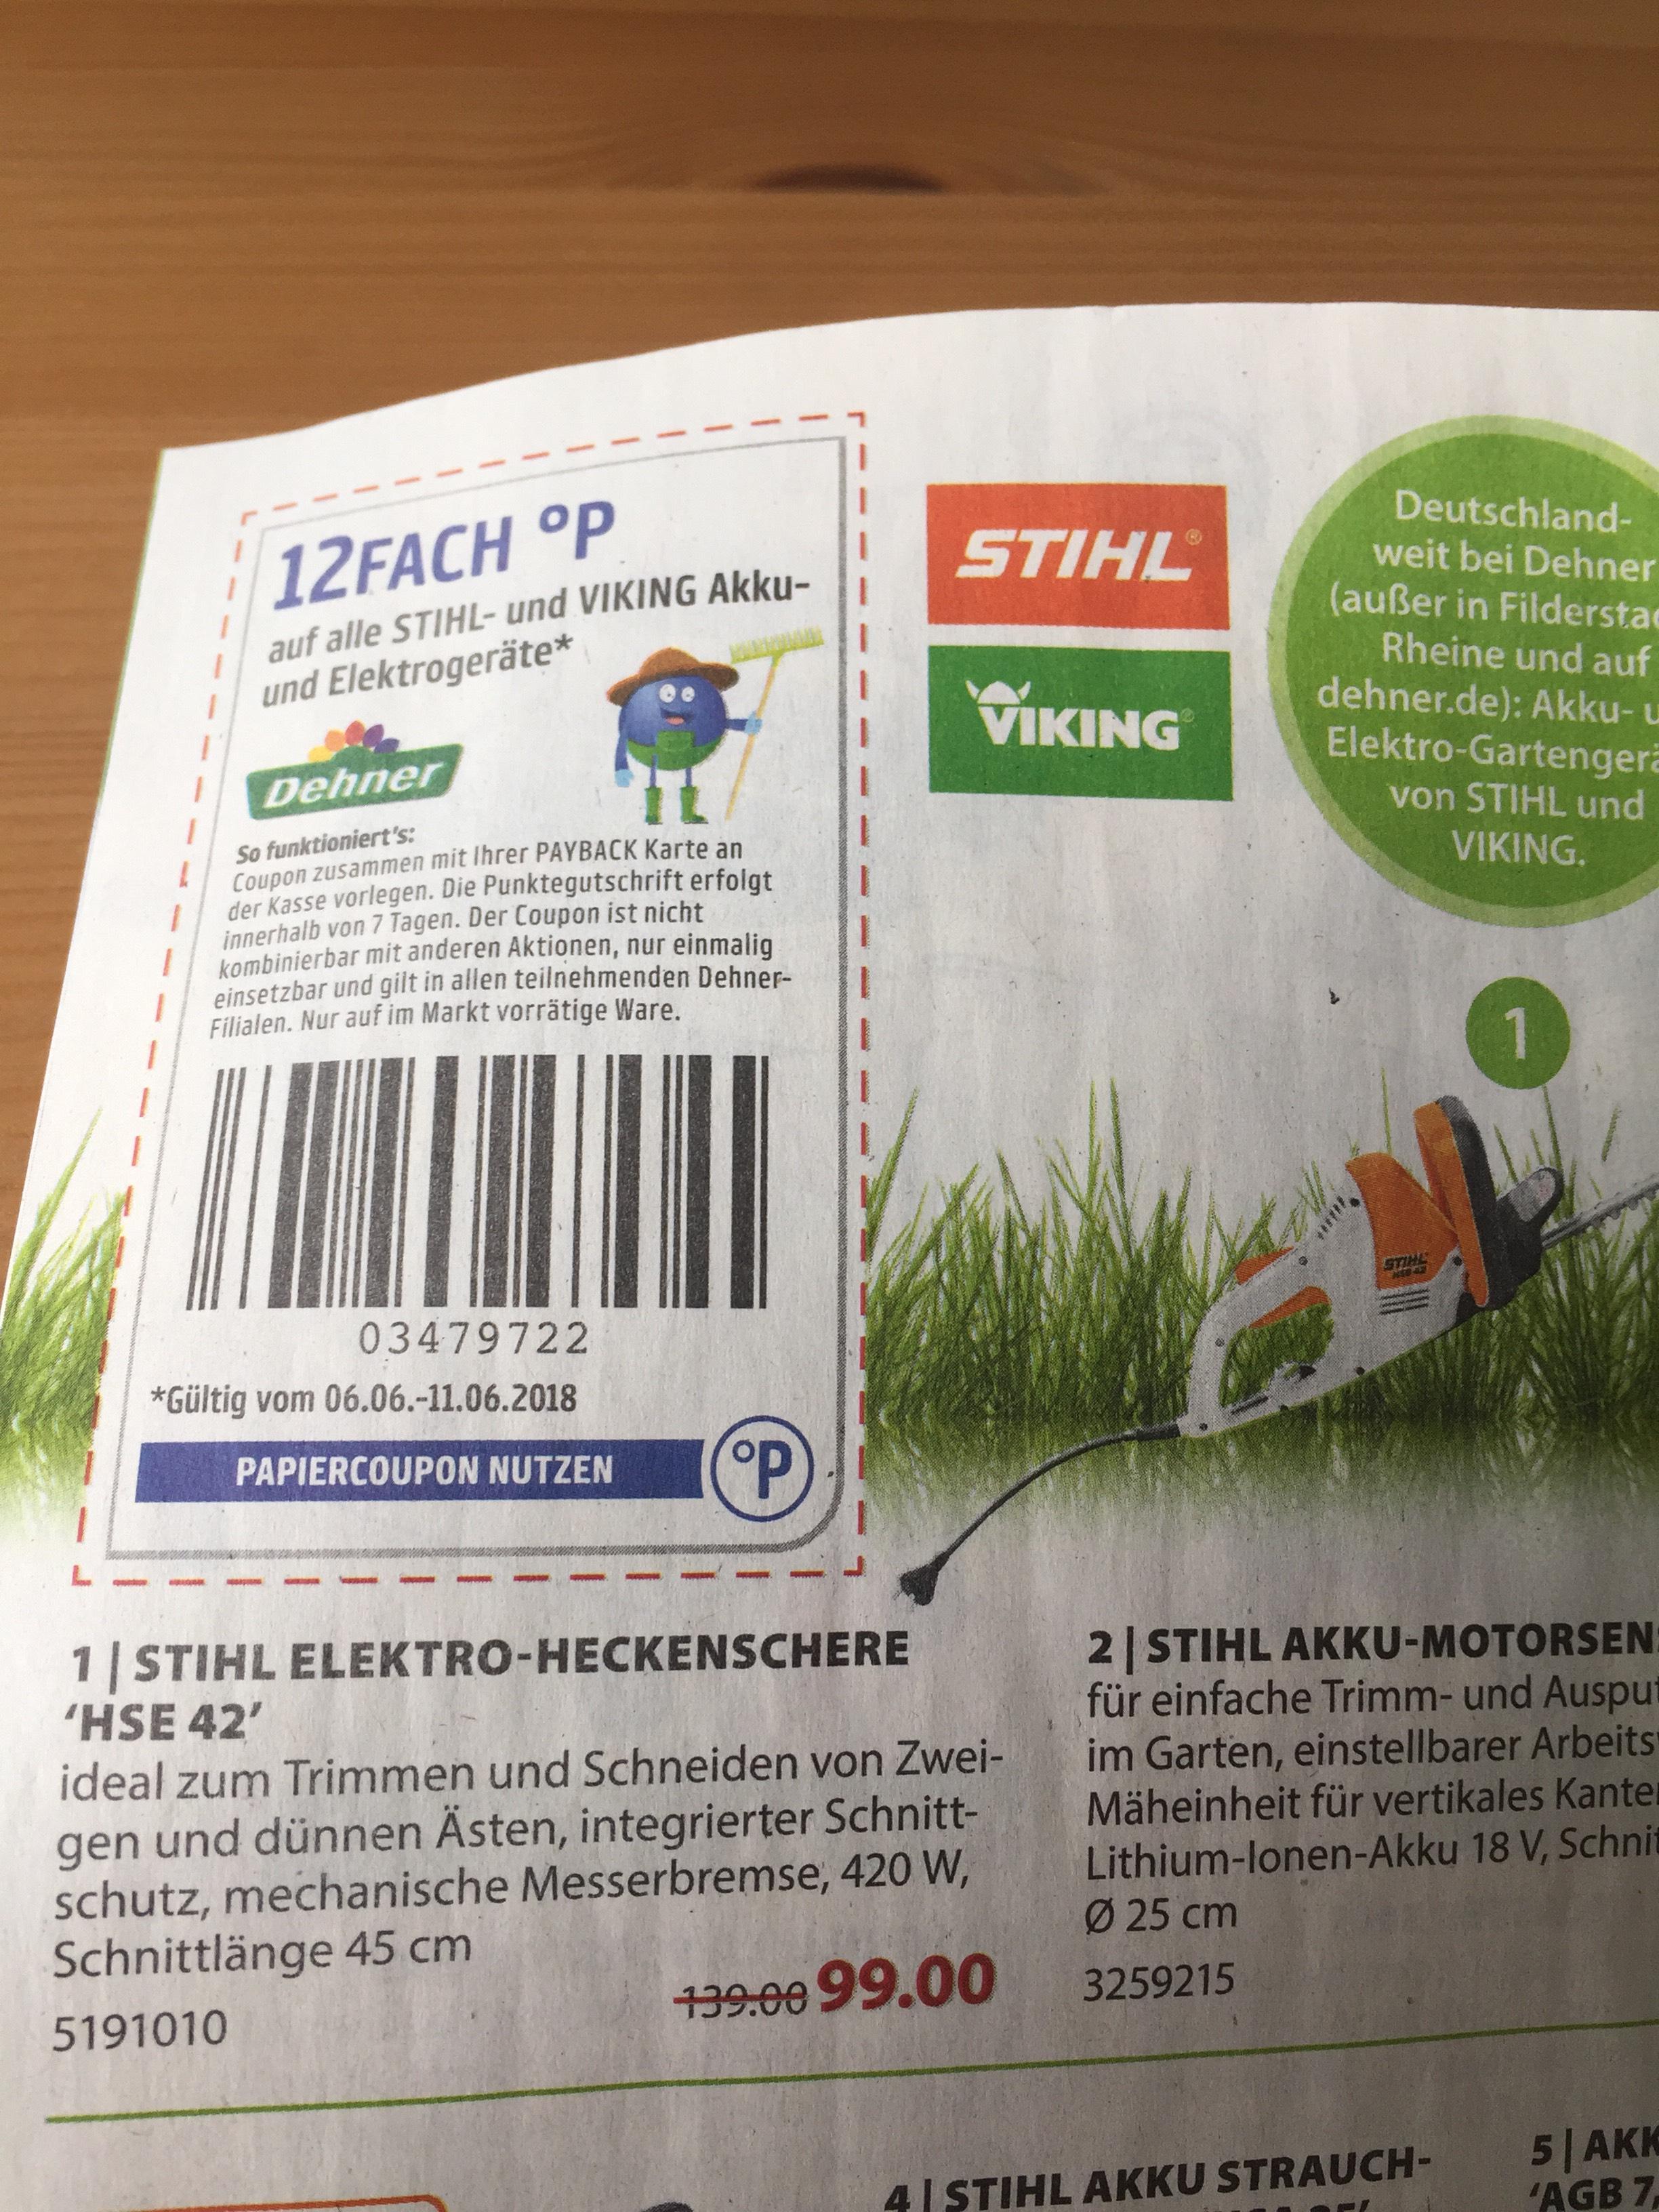 Stihl Heckenschere HSE 42 (bei teilnehmenden Stihl-Händlern/ bei Dehner mit Payback für ~89€)